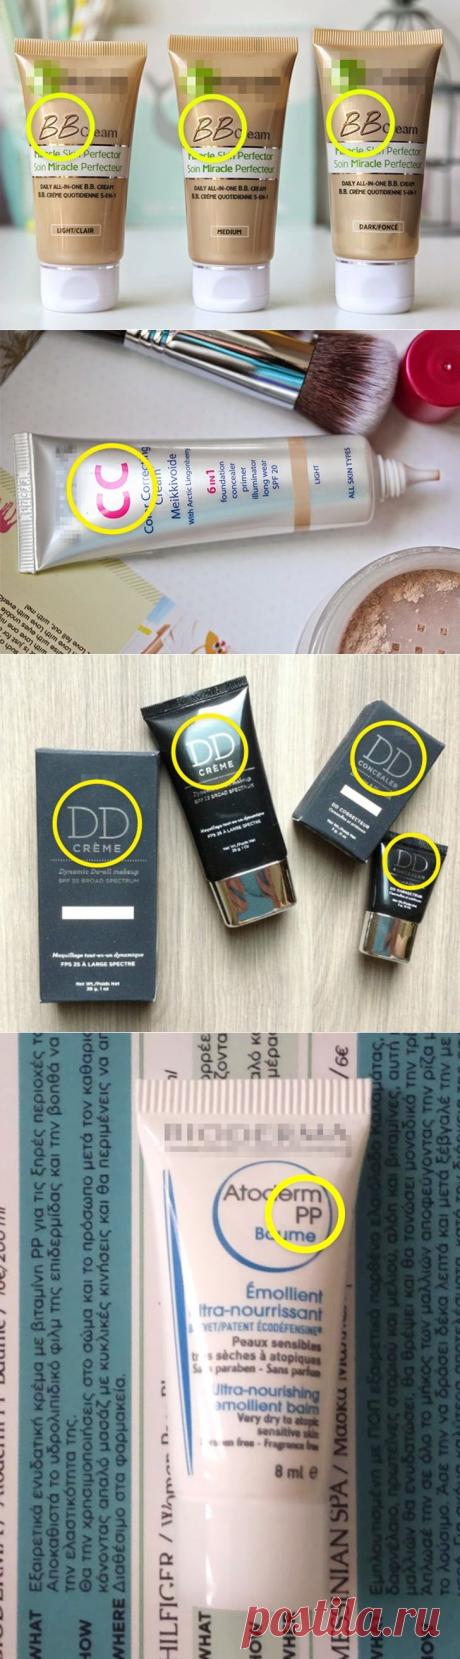 Что означают маркировки BB, CC, DD и PP на кремах | Всегда в форме!